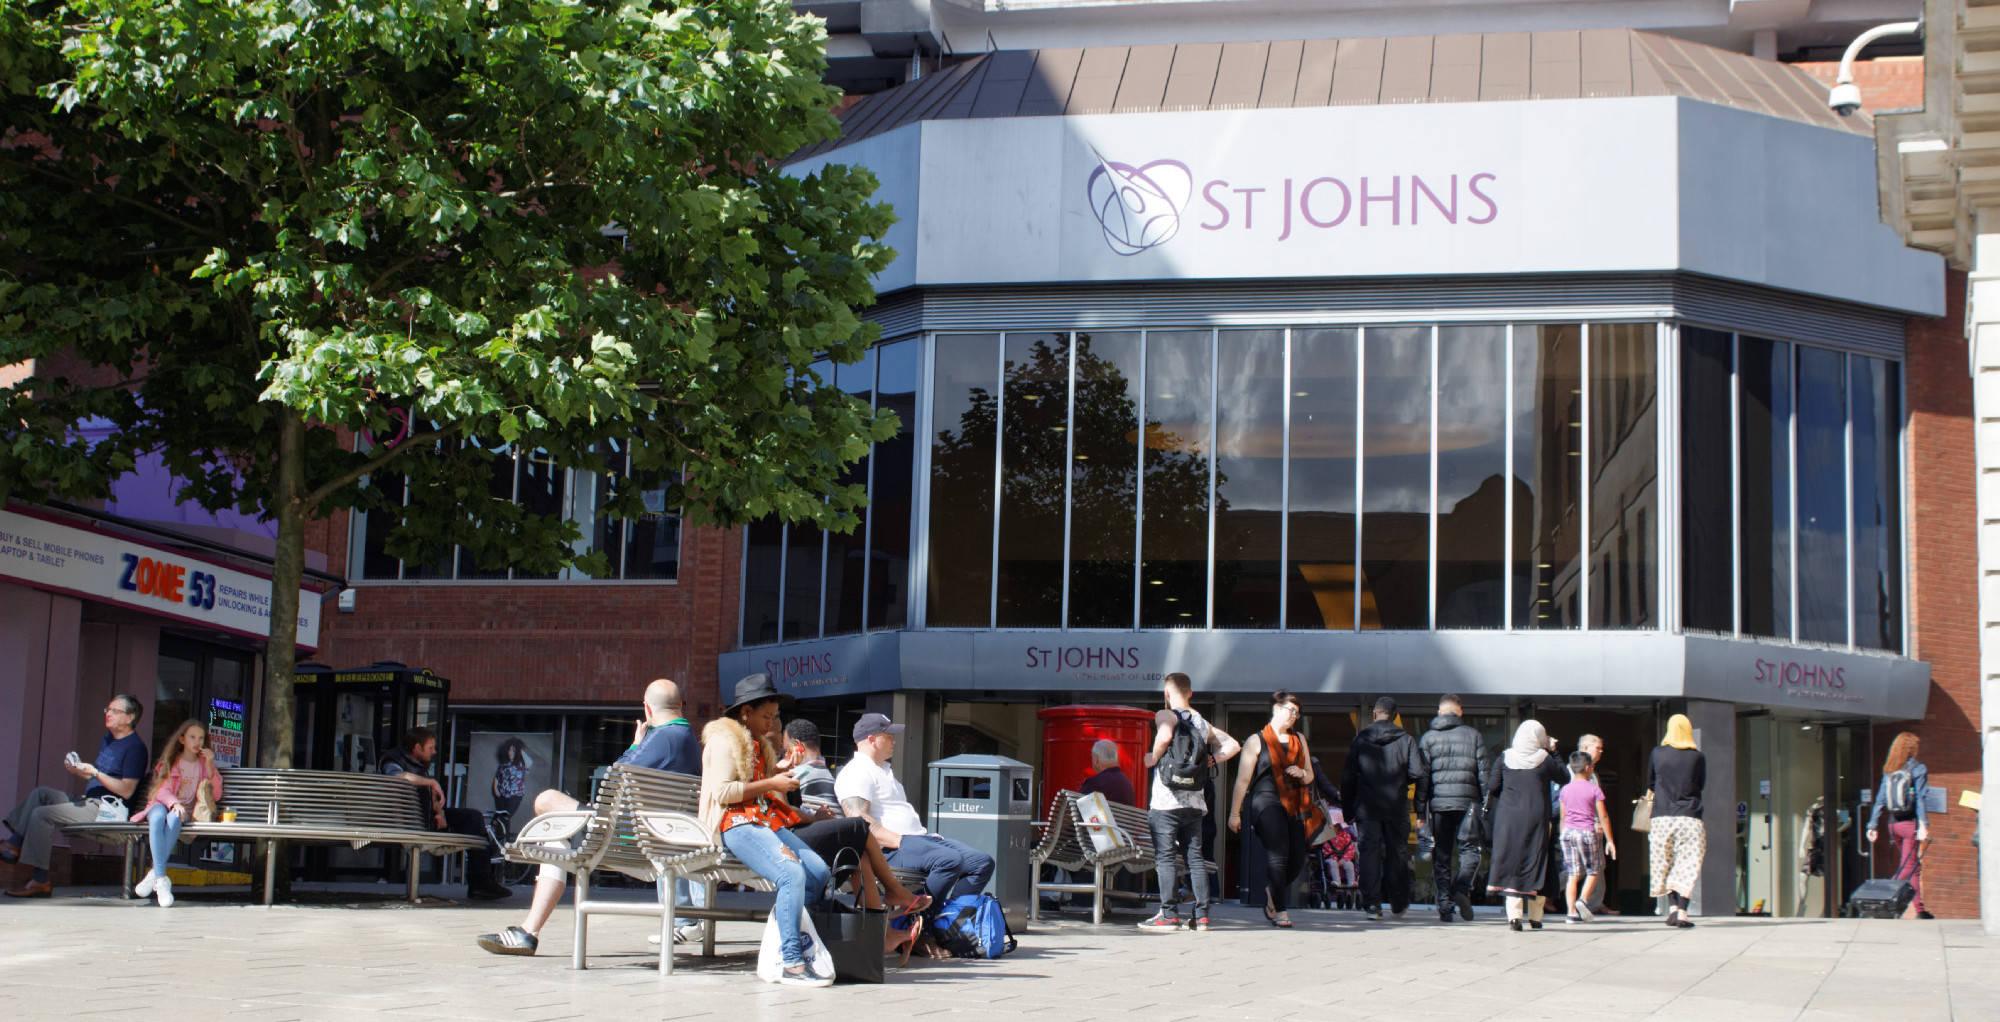 St Johns Shopping Centre Leeds